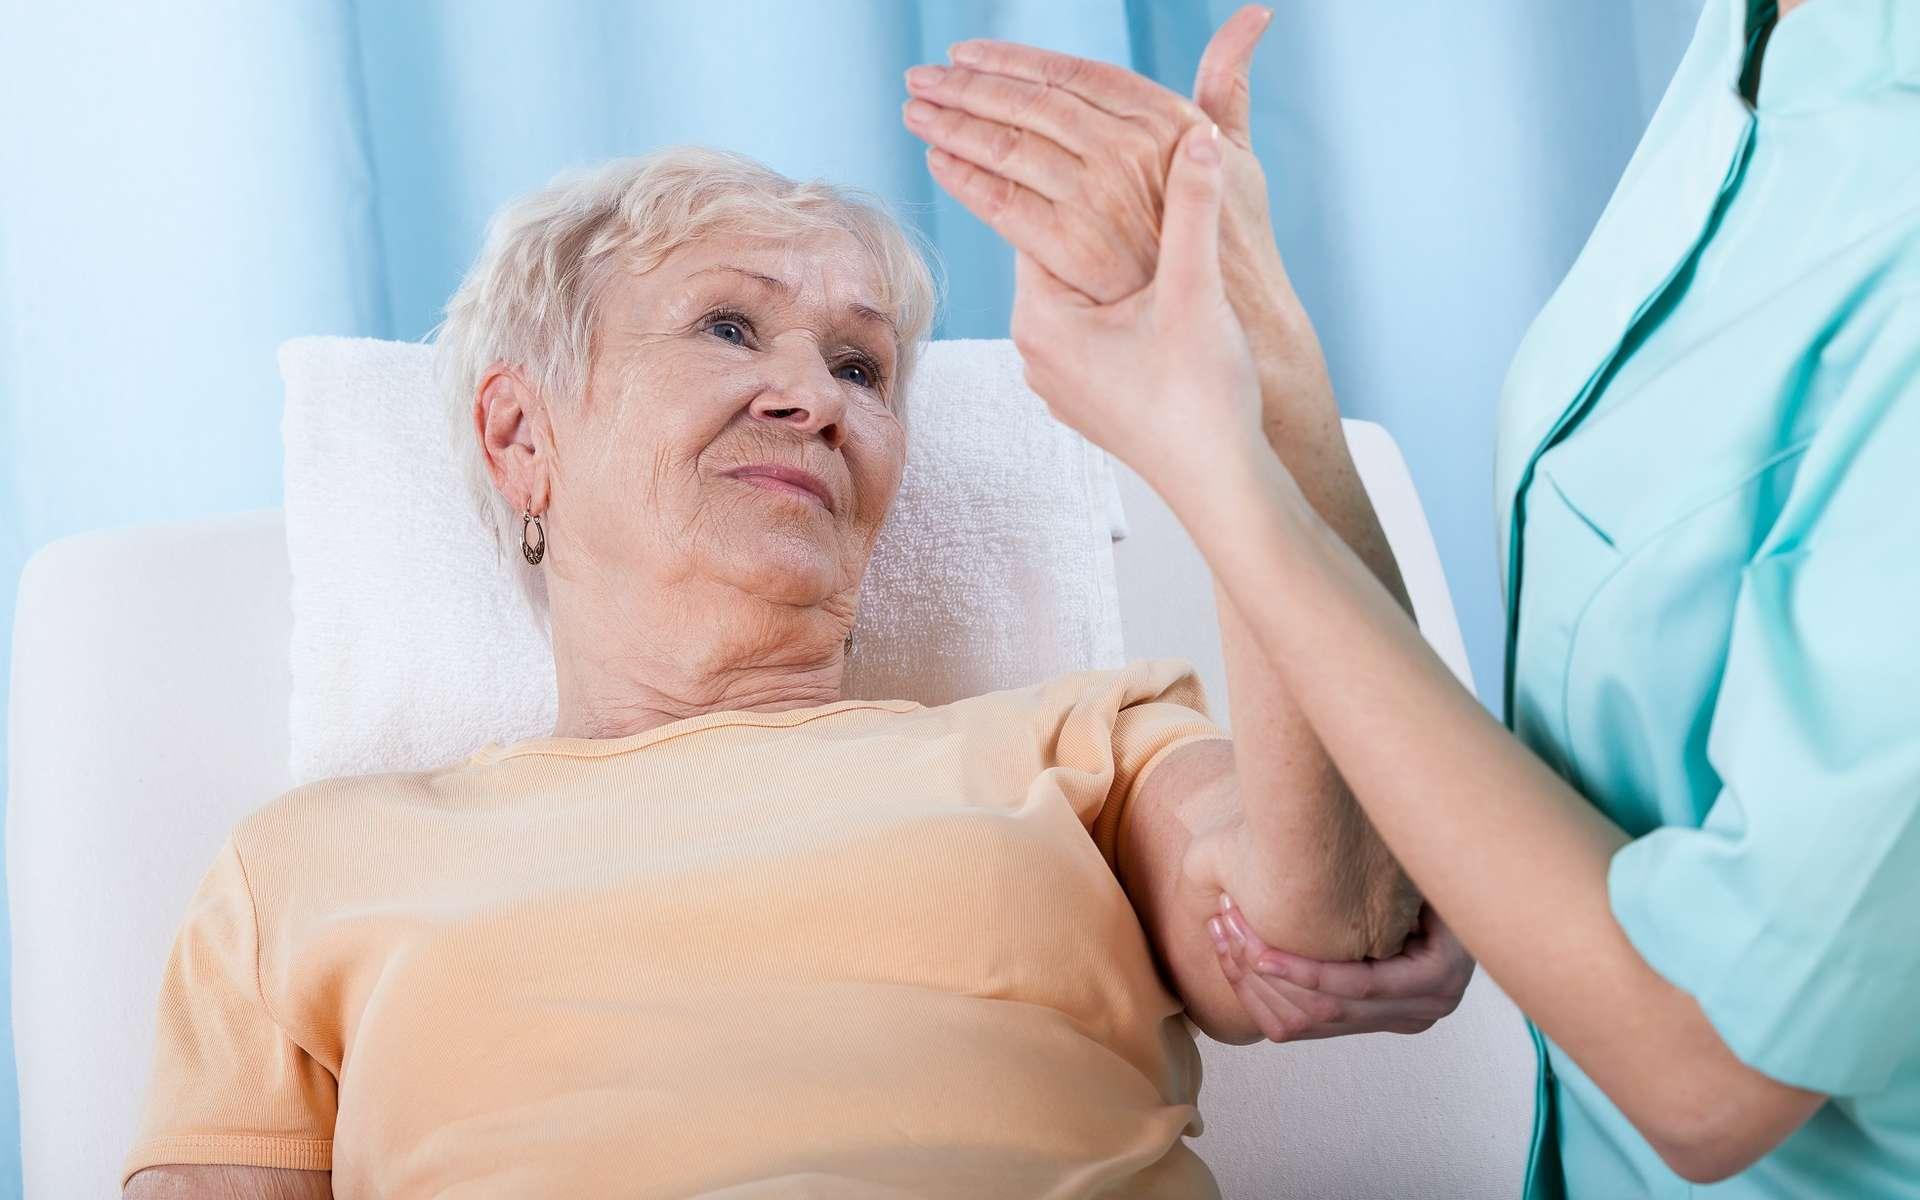 Le raloxifène est prescrit pour prévenir les fractures liées à l'ostéoporose chez les femmes ménopausées. © Photographee.eu, Shutterstock